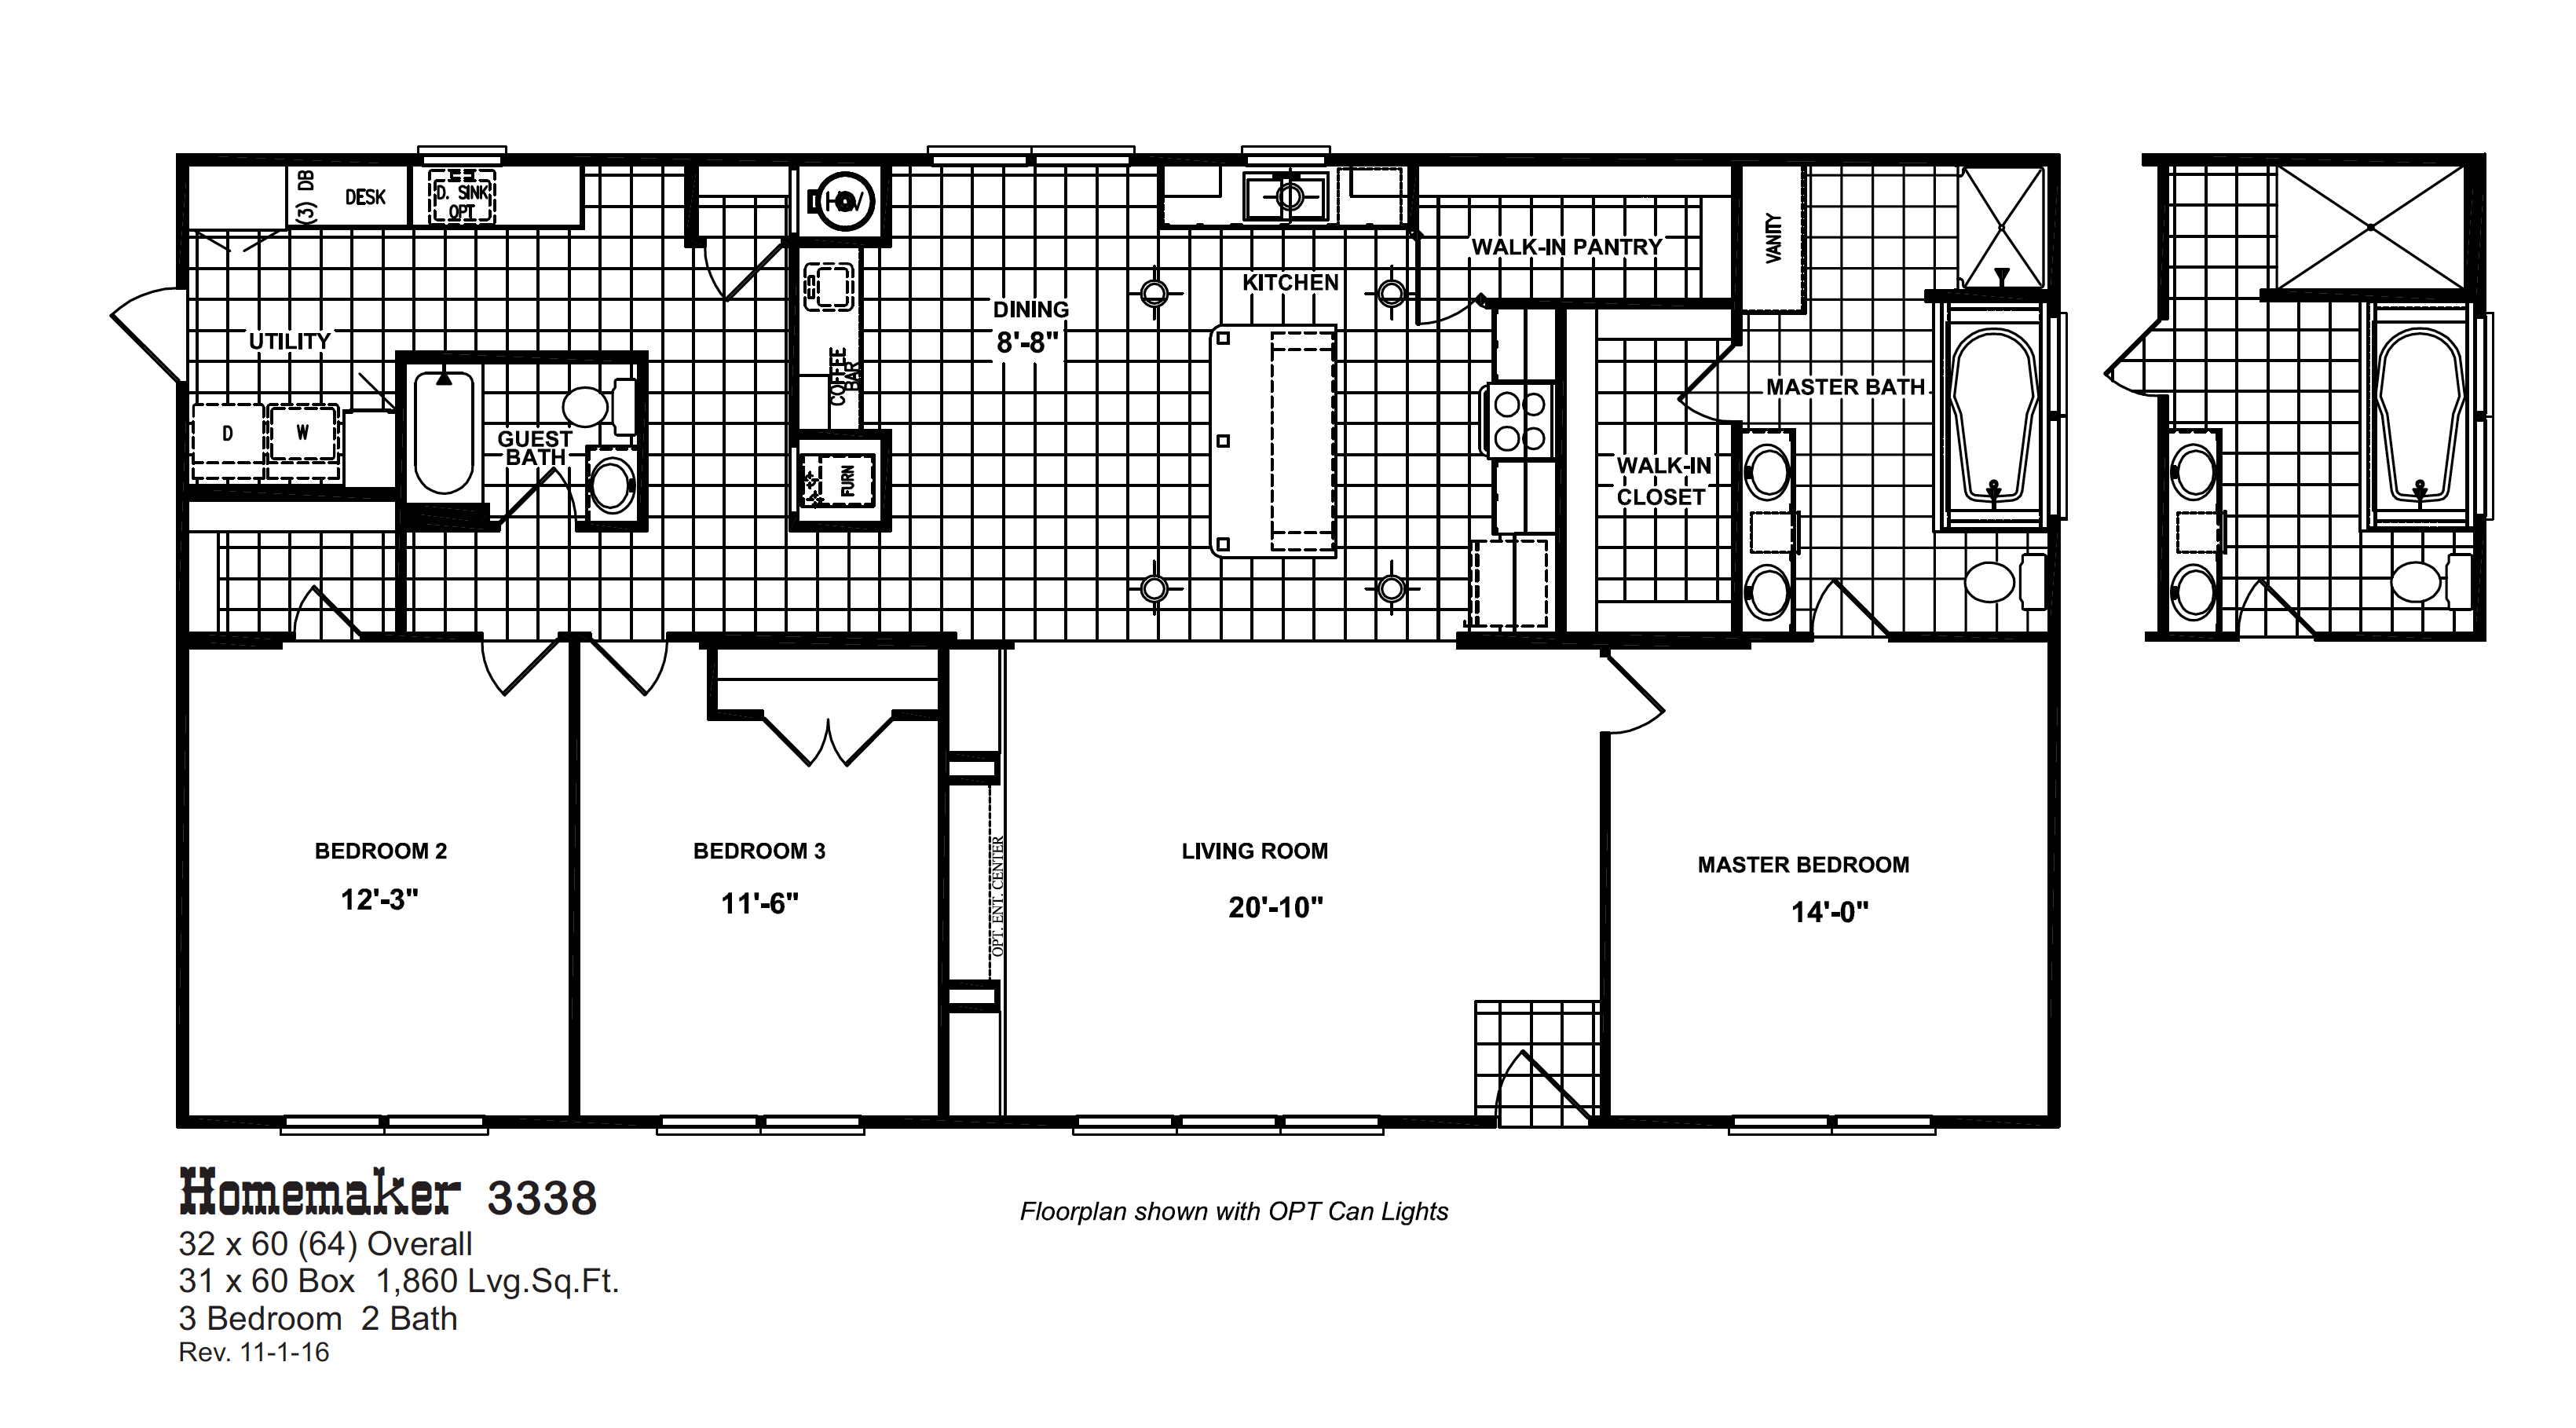 12+ Oak creek homes floor plans ideas in 2021